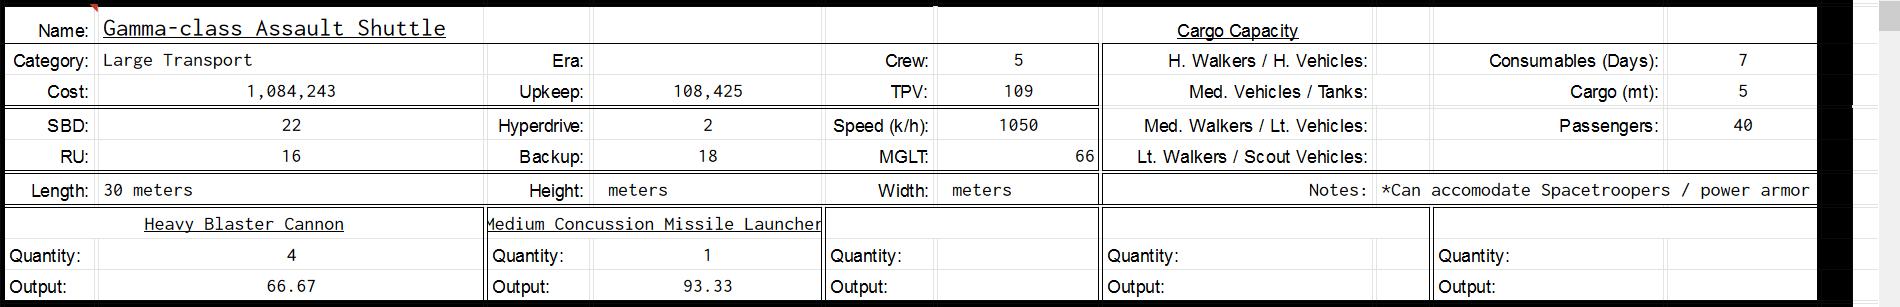 [Image: Gamma-class_Assault_Shuttle.png]